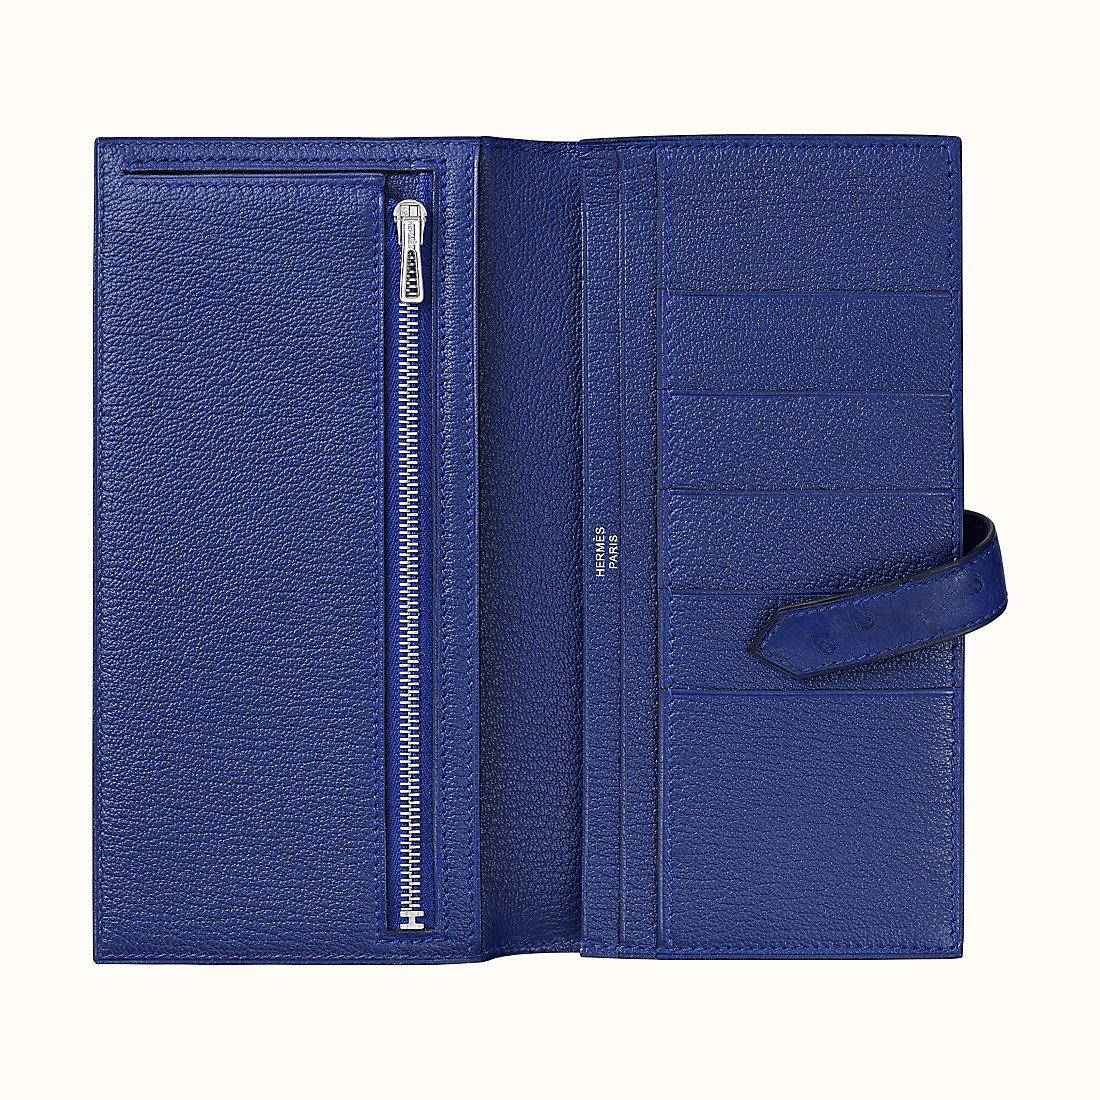 桃園縣愛馬仕鴕鳥皮錢包 Hermes Bearn wallet Ostrich CK7Q Mykonos